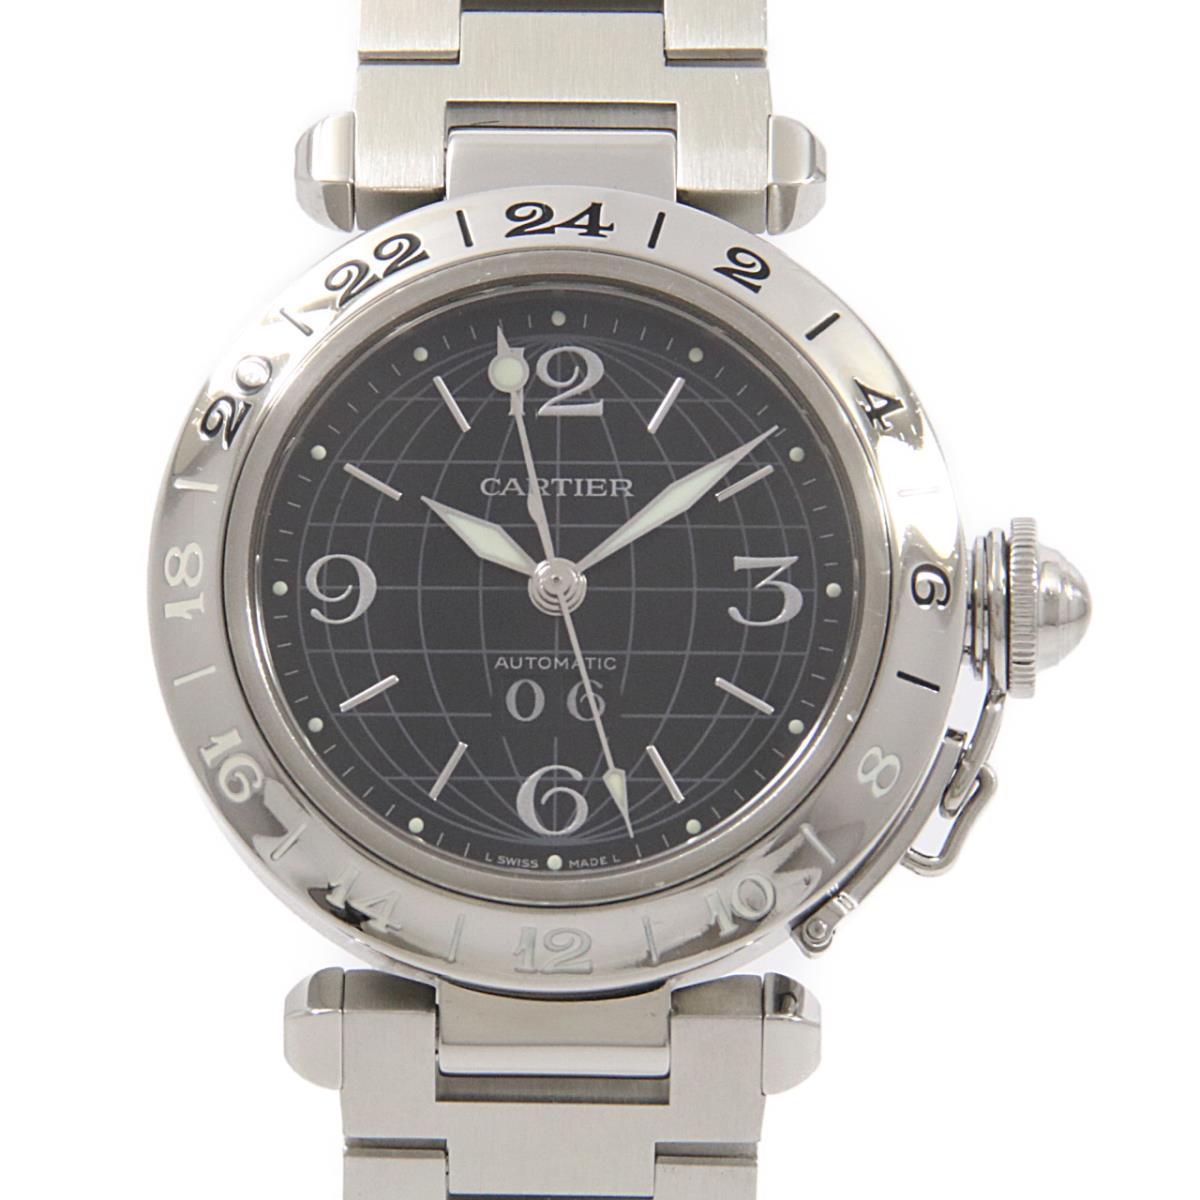 カルティエ W31049M7 パシャC GMTグランデデイト 自動巻